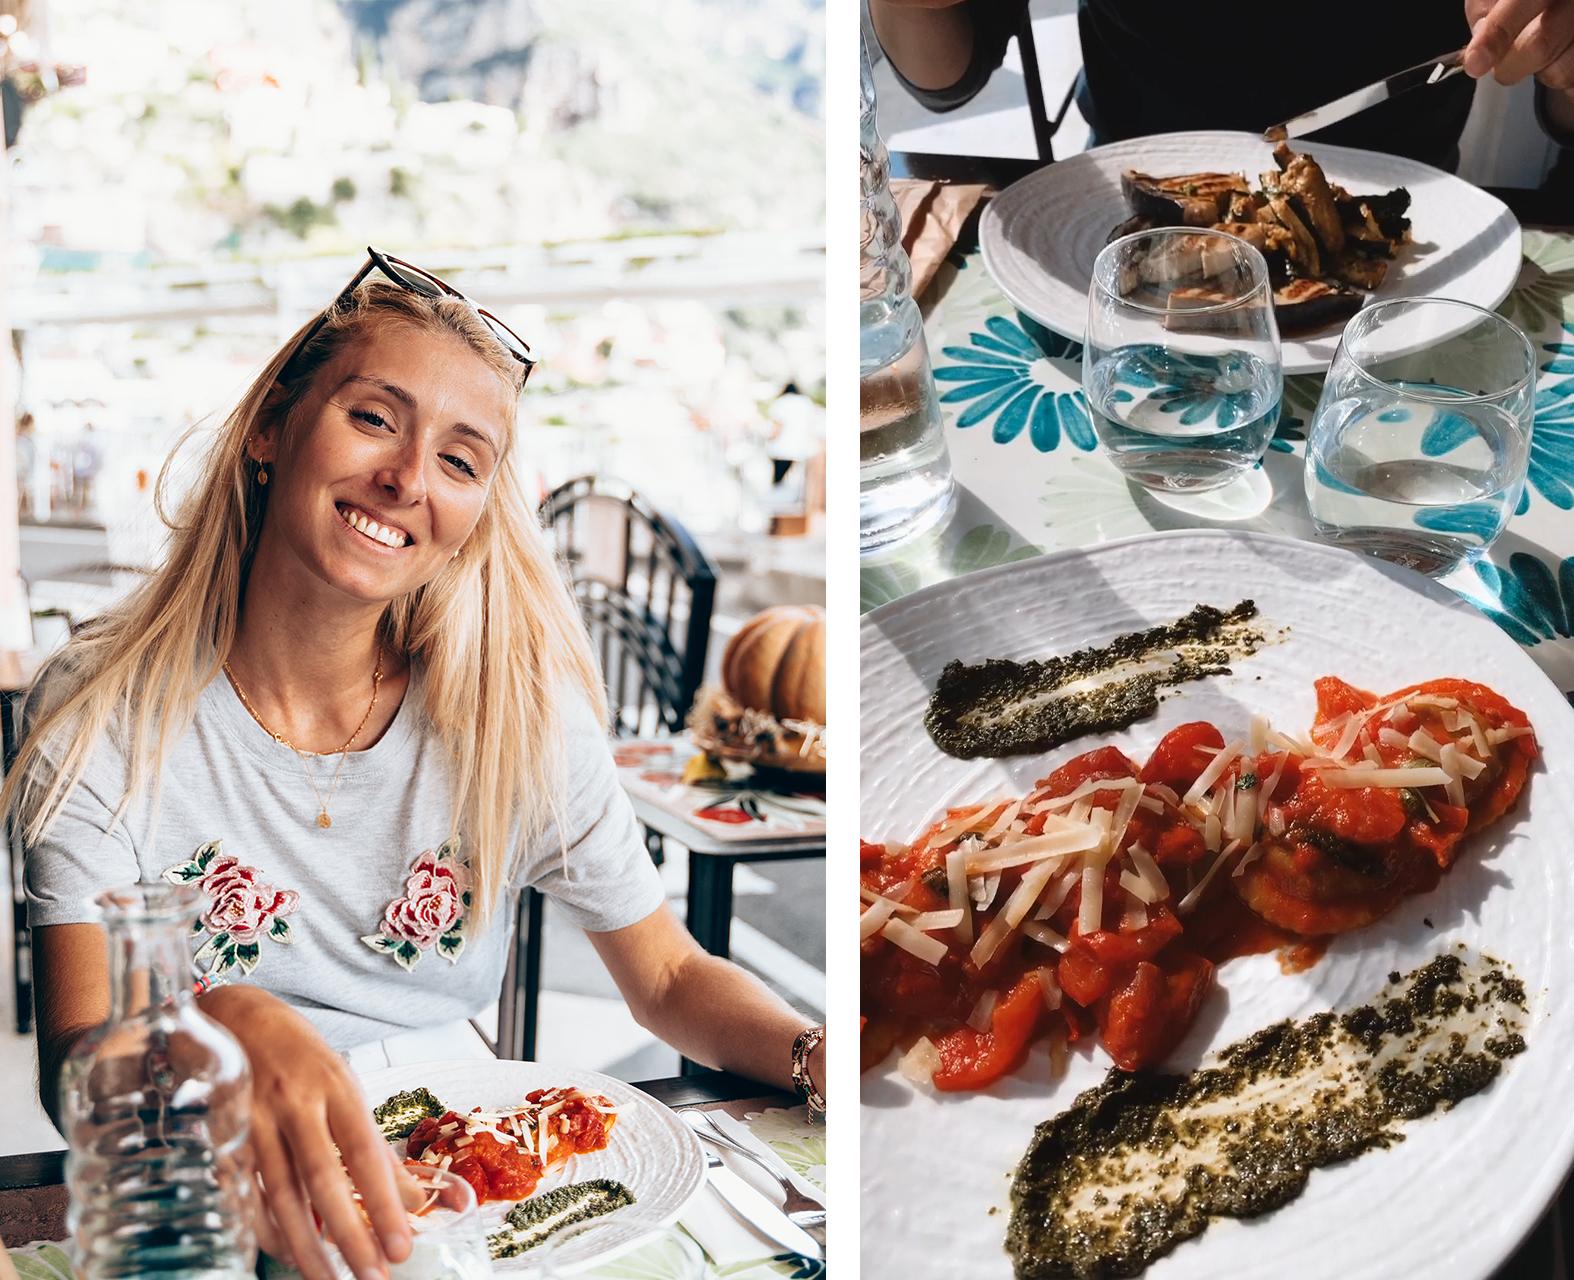 Da Vincenzo Positano restaurants naples cote amalfitaine